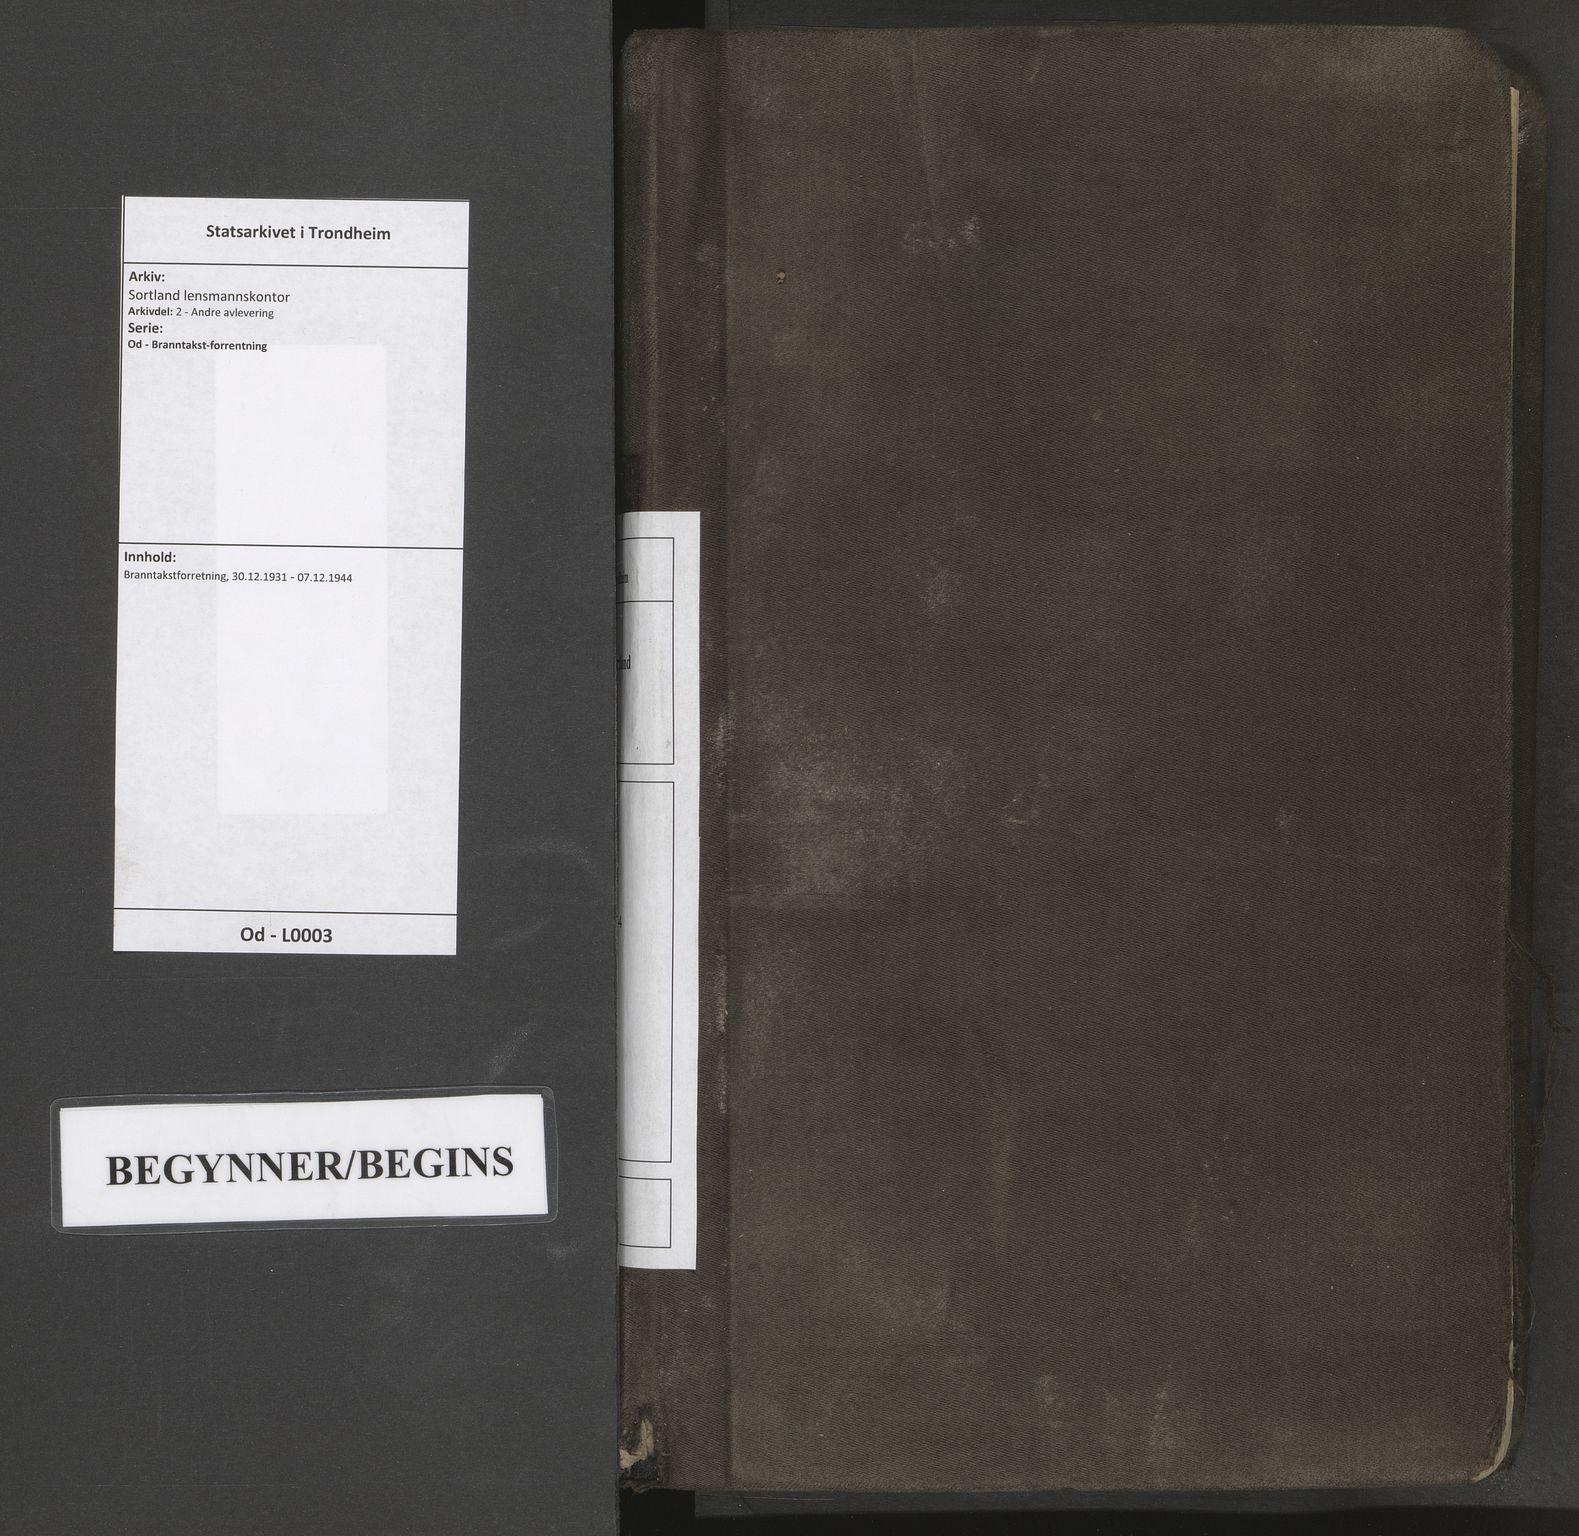 SAT, Sortland lensmannskontor, Od/L0003: Branntakstforretning, 1931-1944